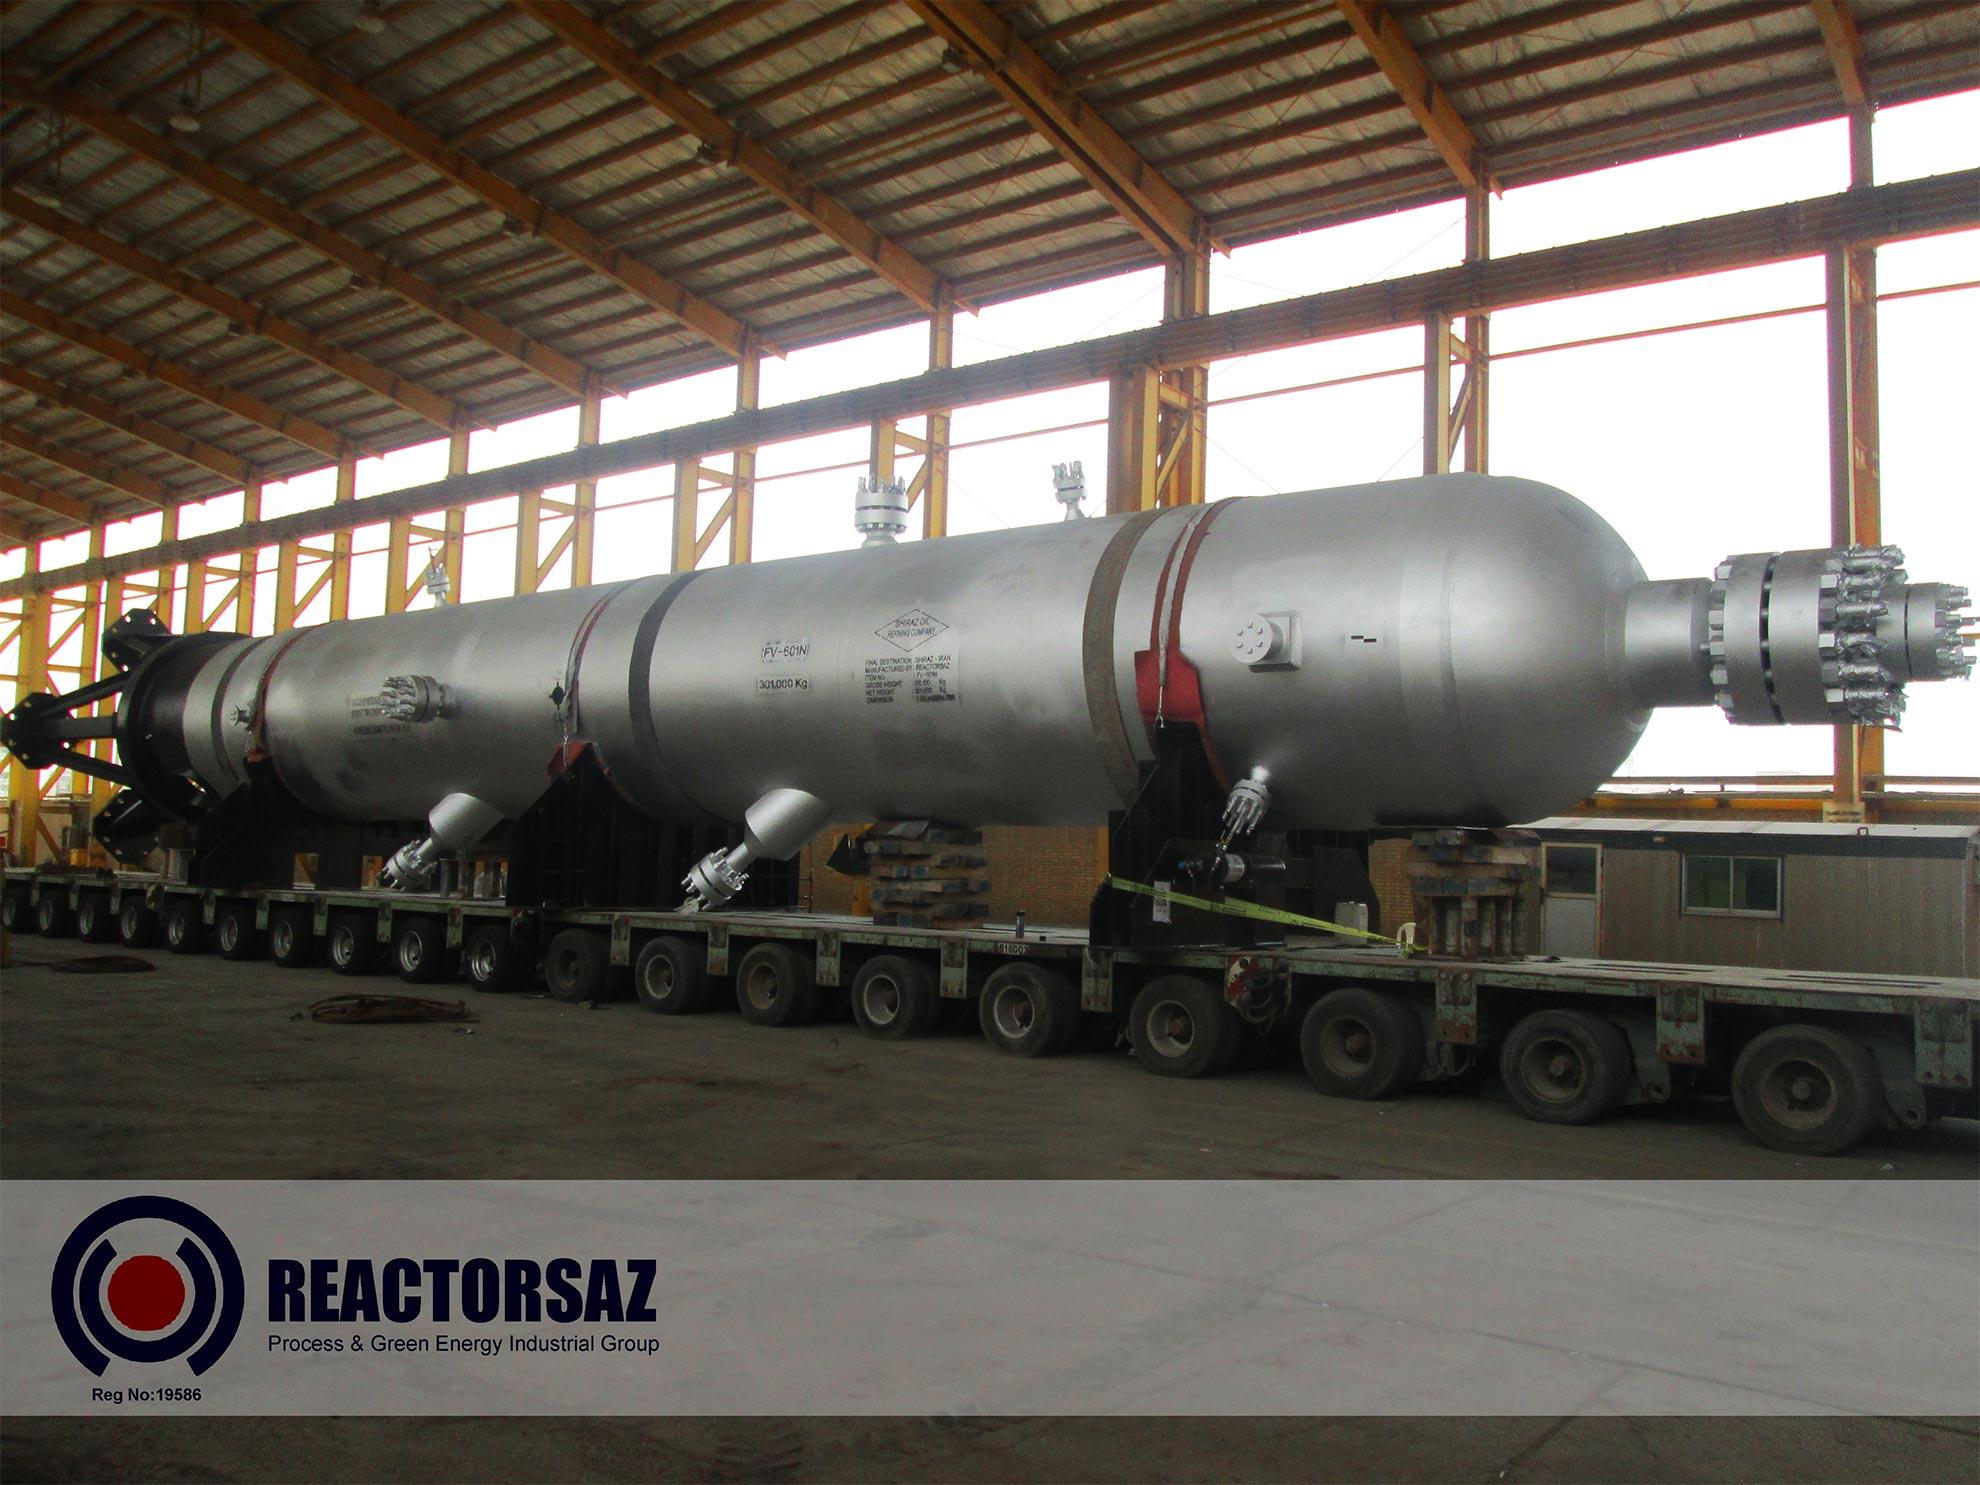 Reactorsaz Reactor big